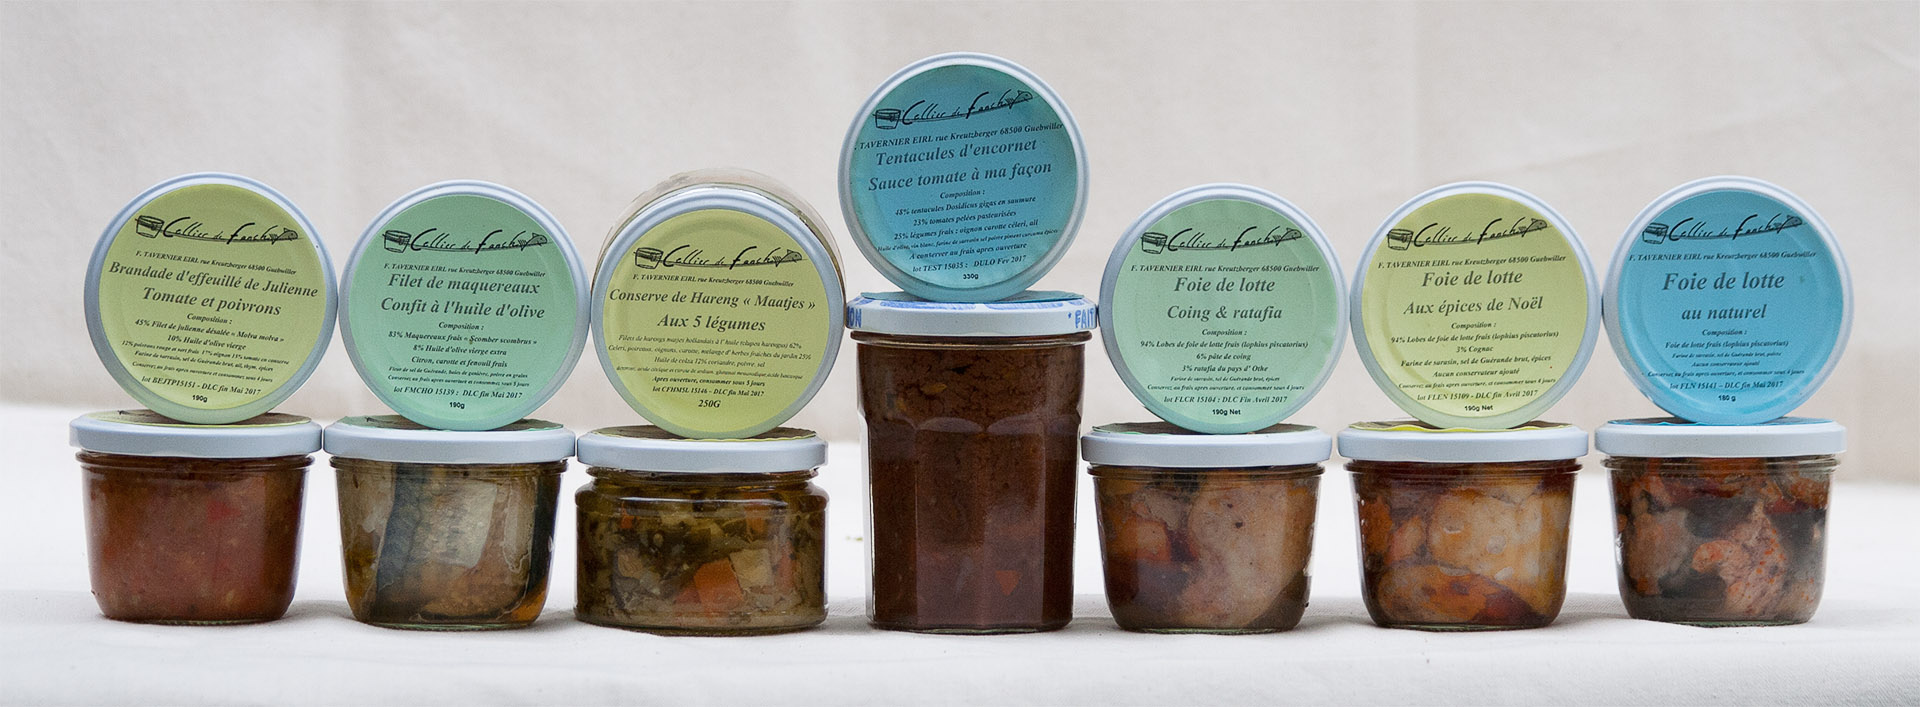 Photo 2 des produits cuisinés